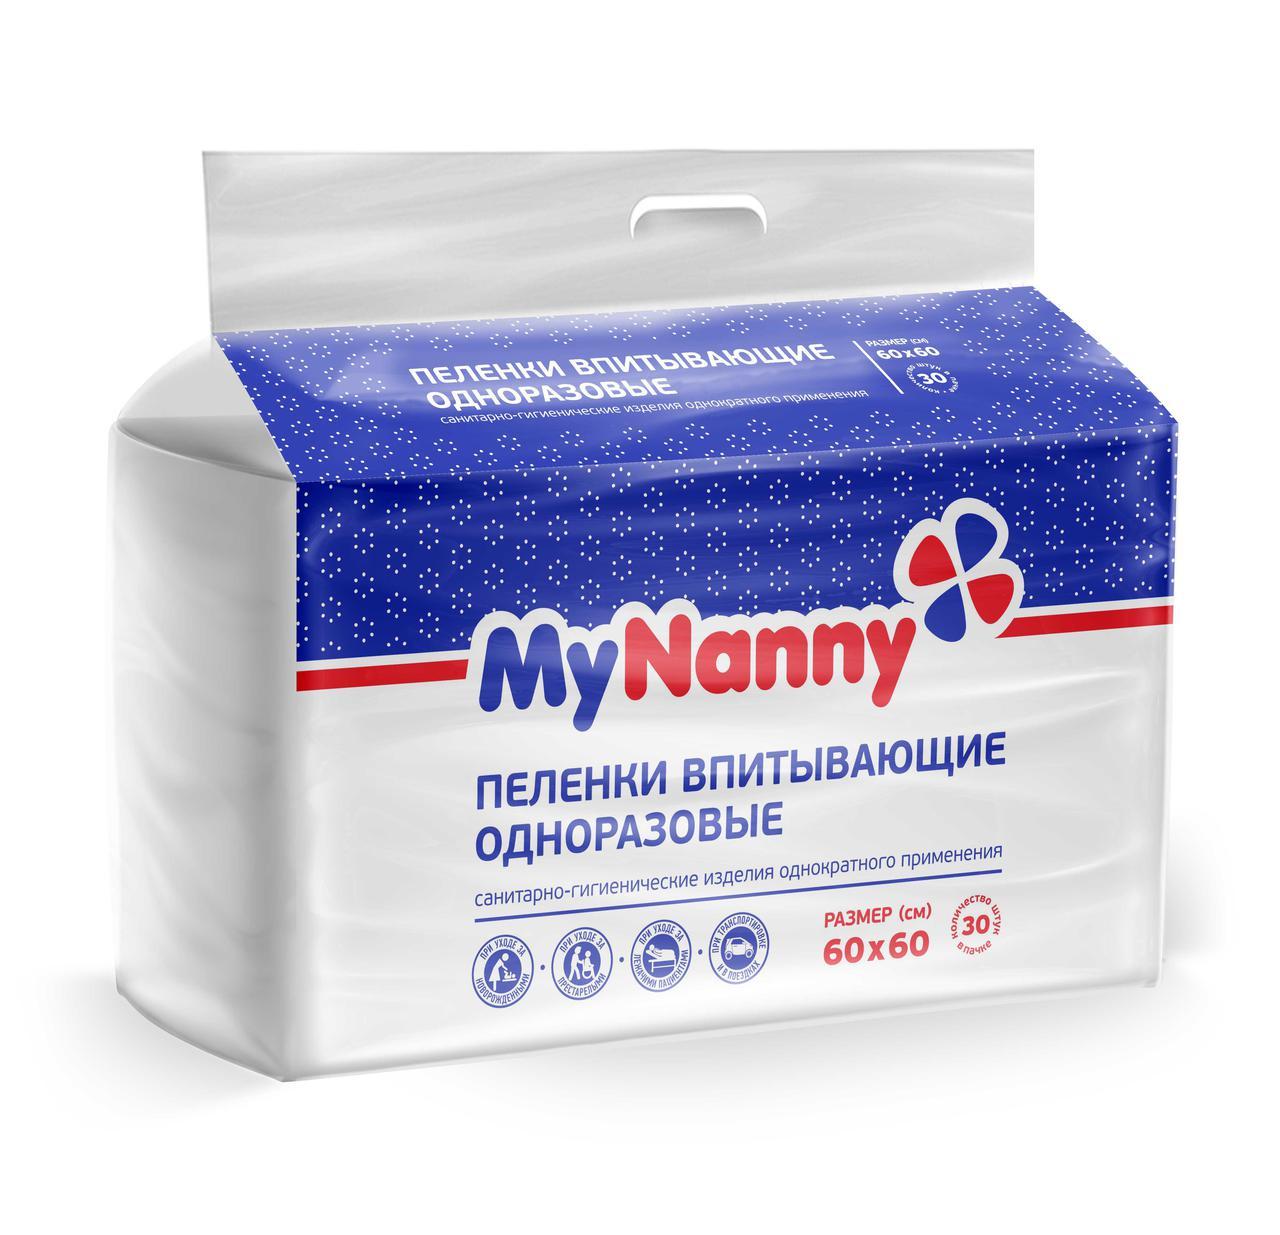 """Пеленка впитывающая одноразовая  """"My Nanny""""  60*60 см. Эконом Лайт  №30"""